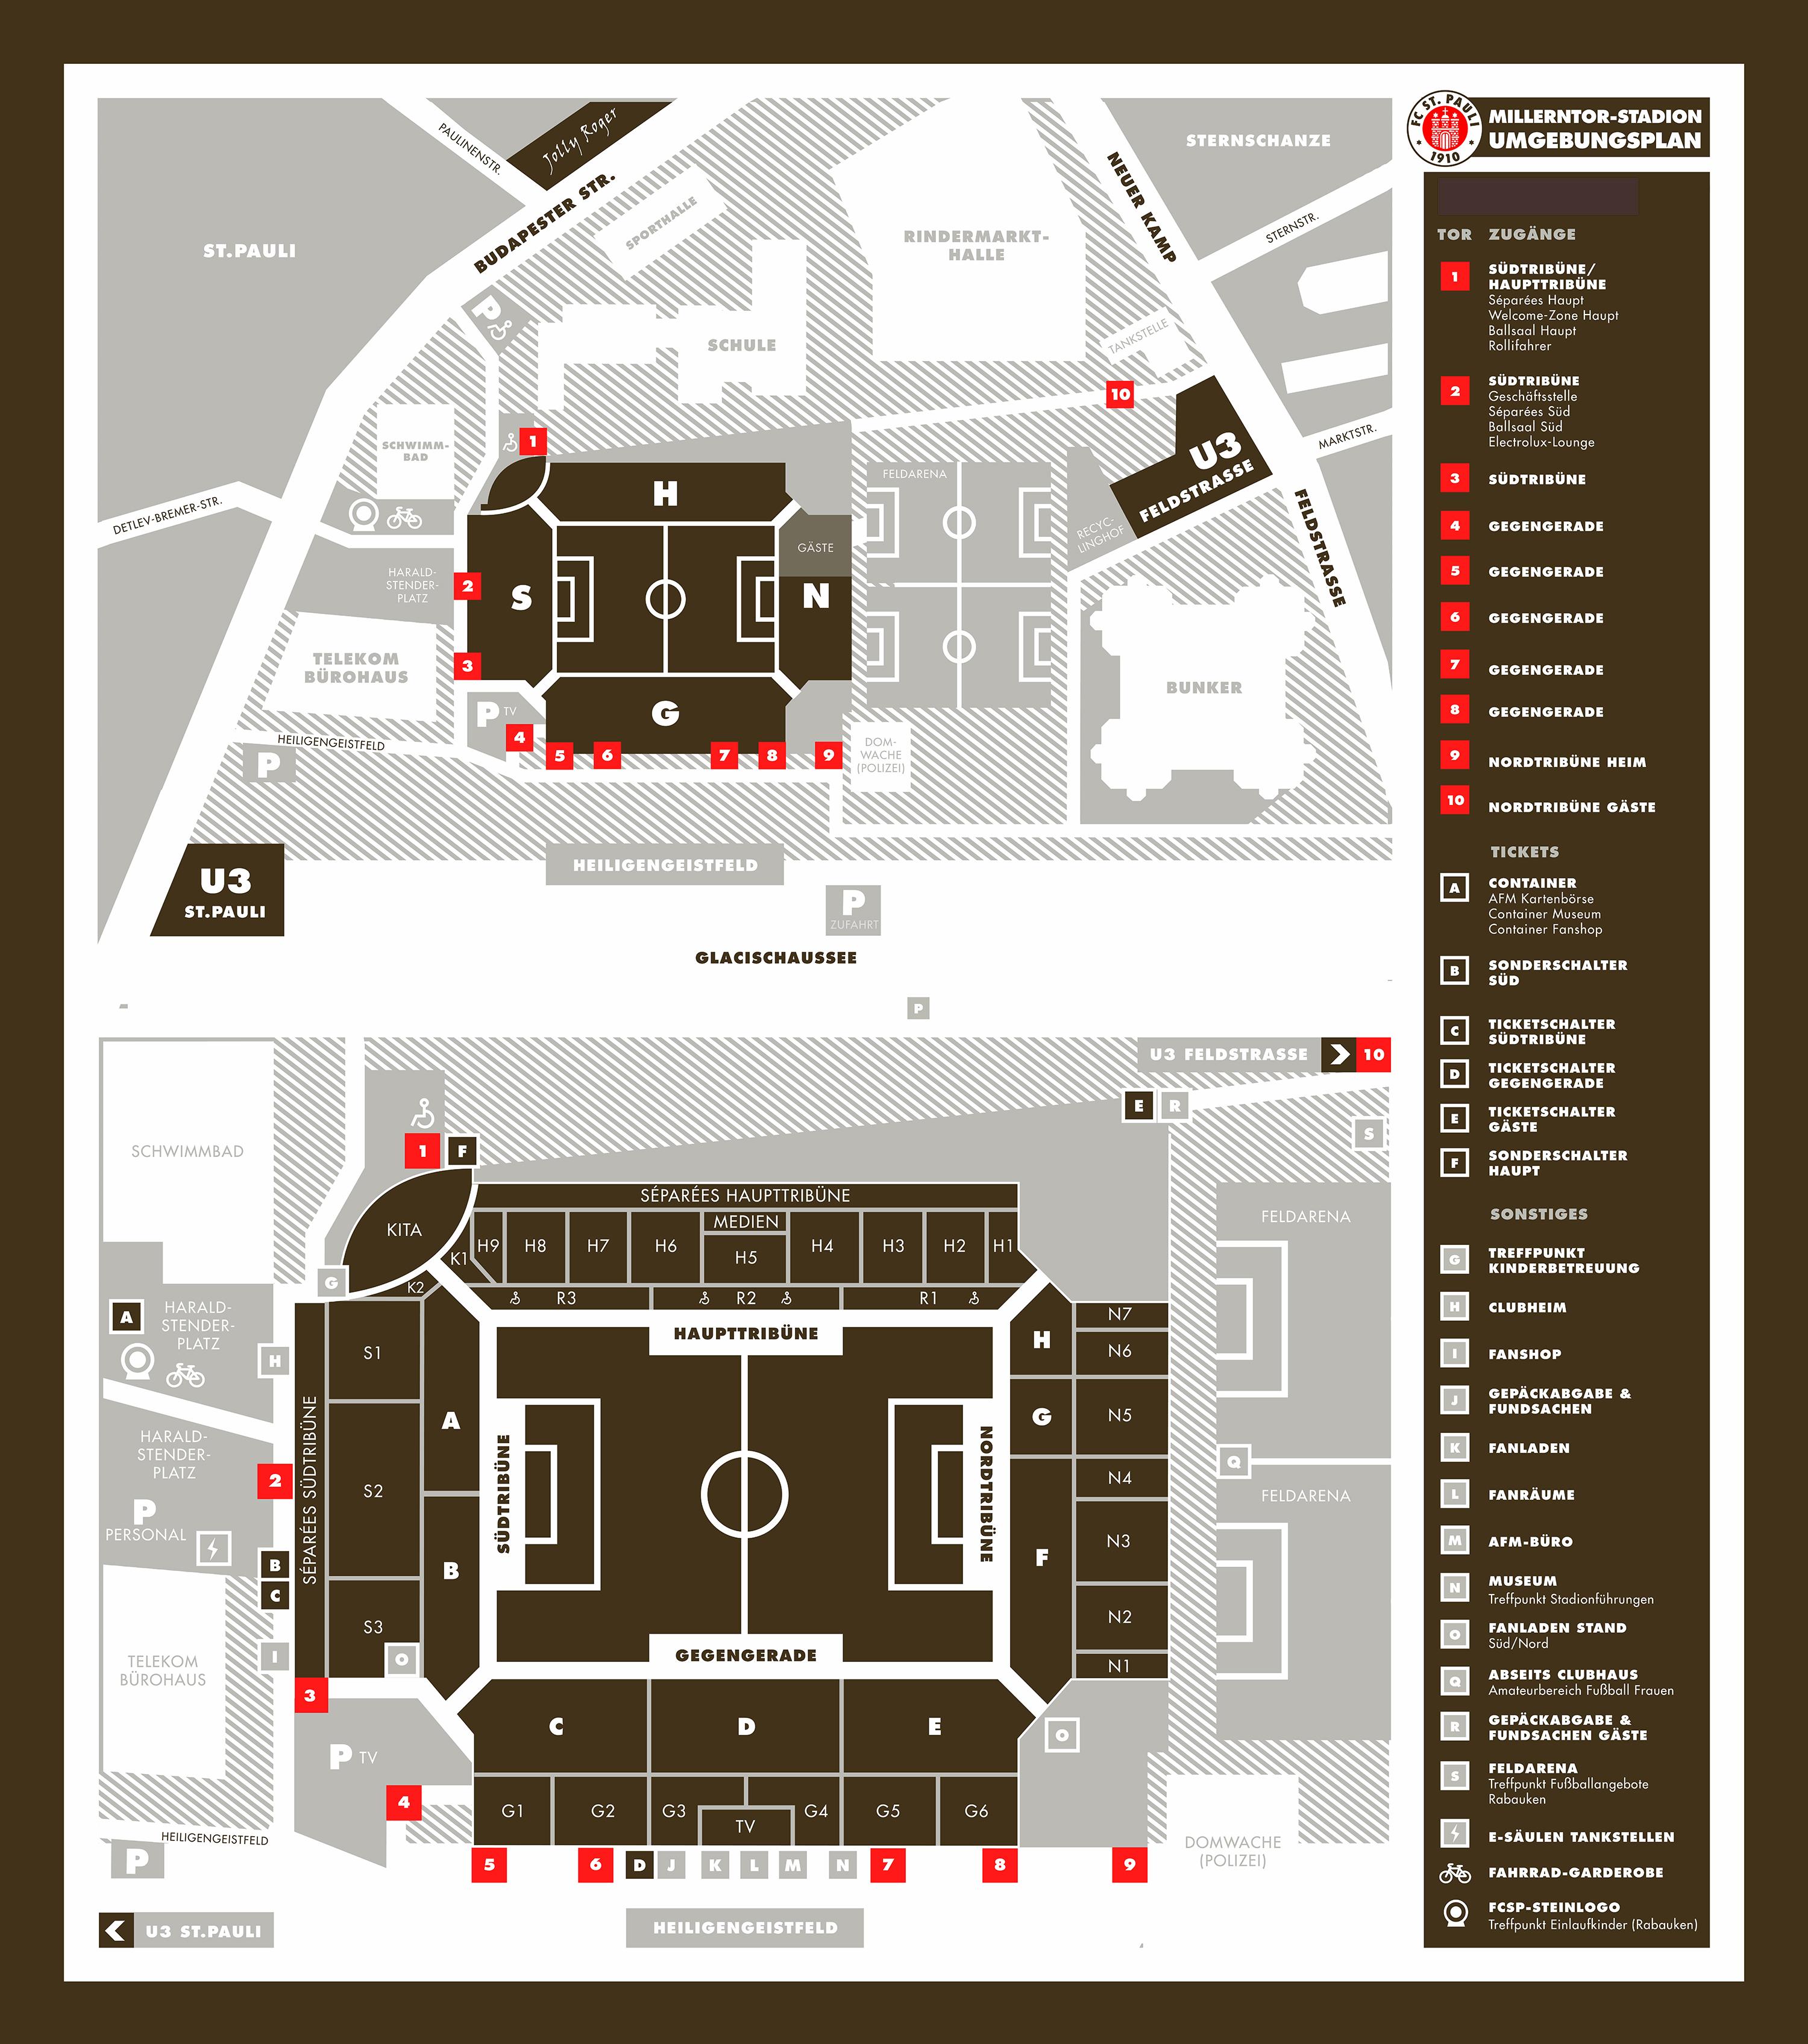 ATGB - FC St. Pauli